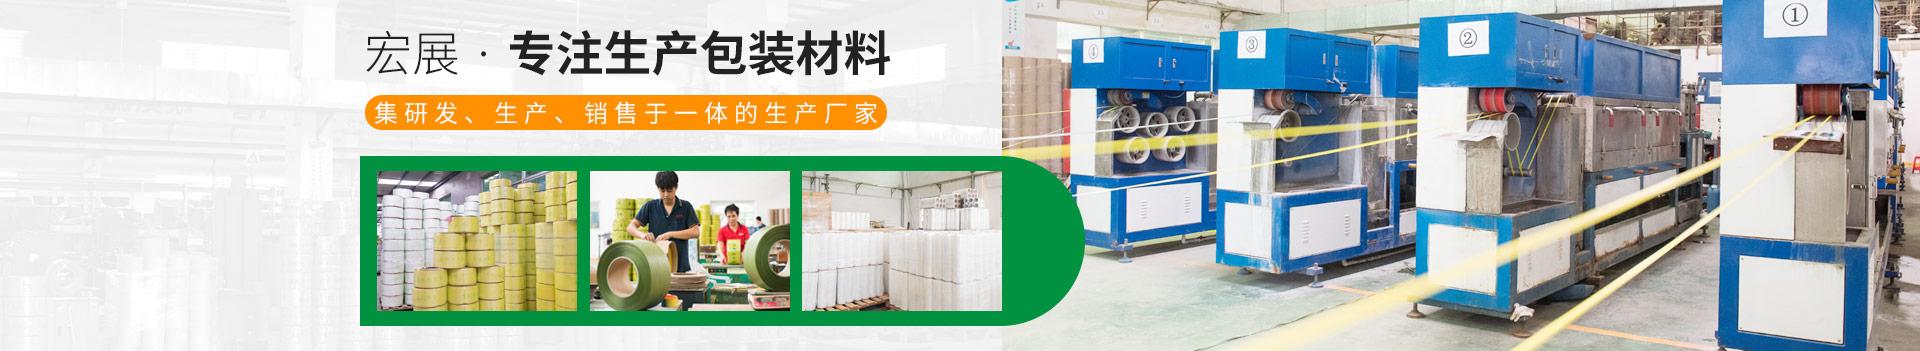 摩鑫平台-专注生产包装材料